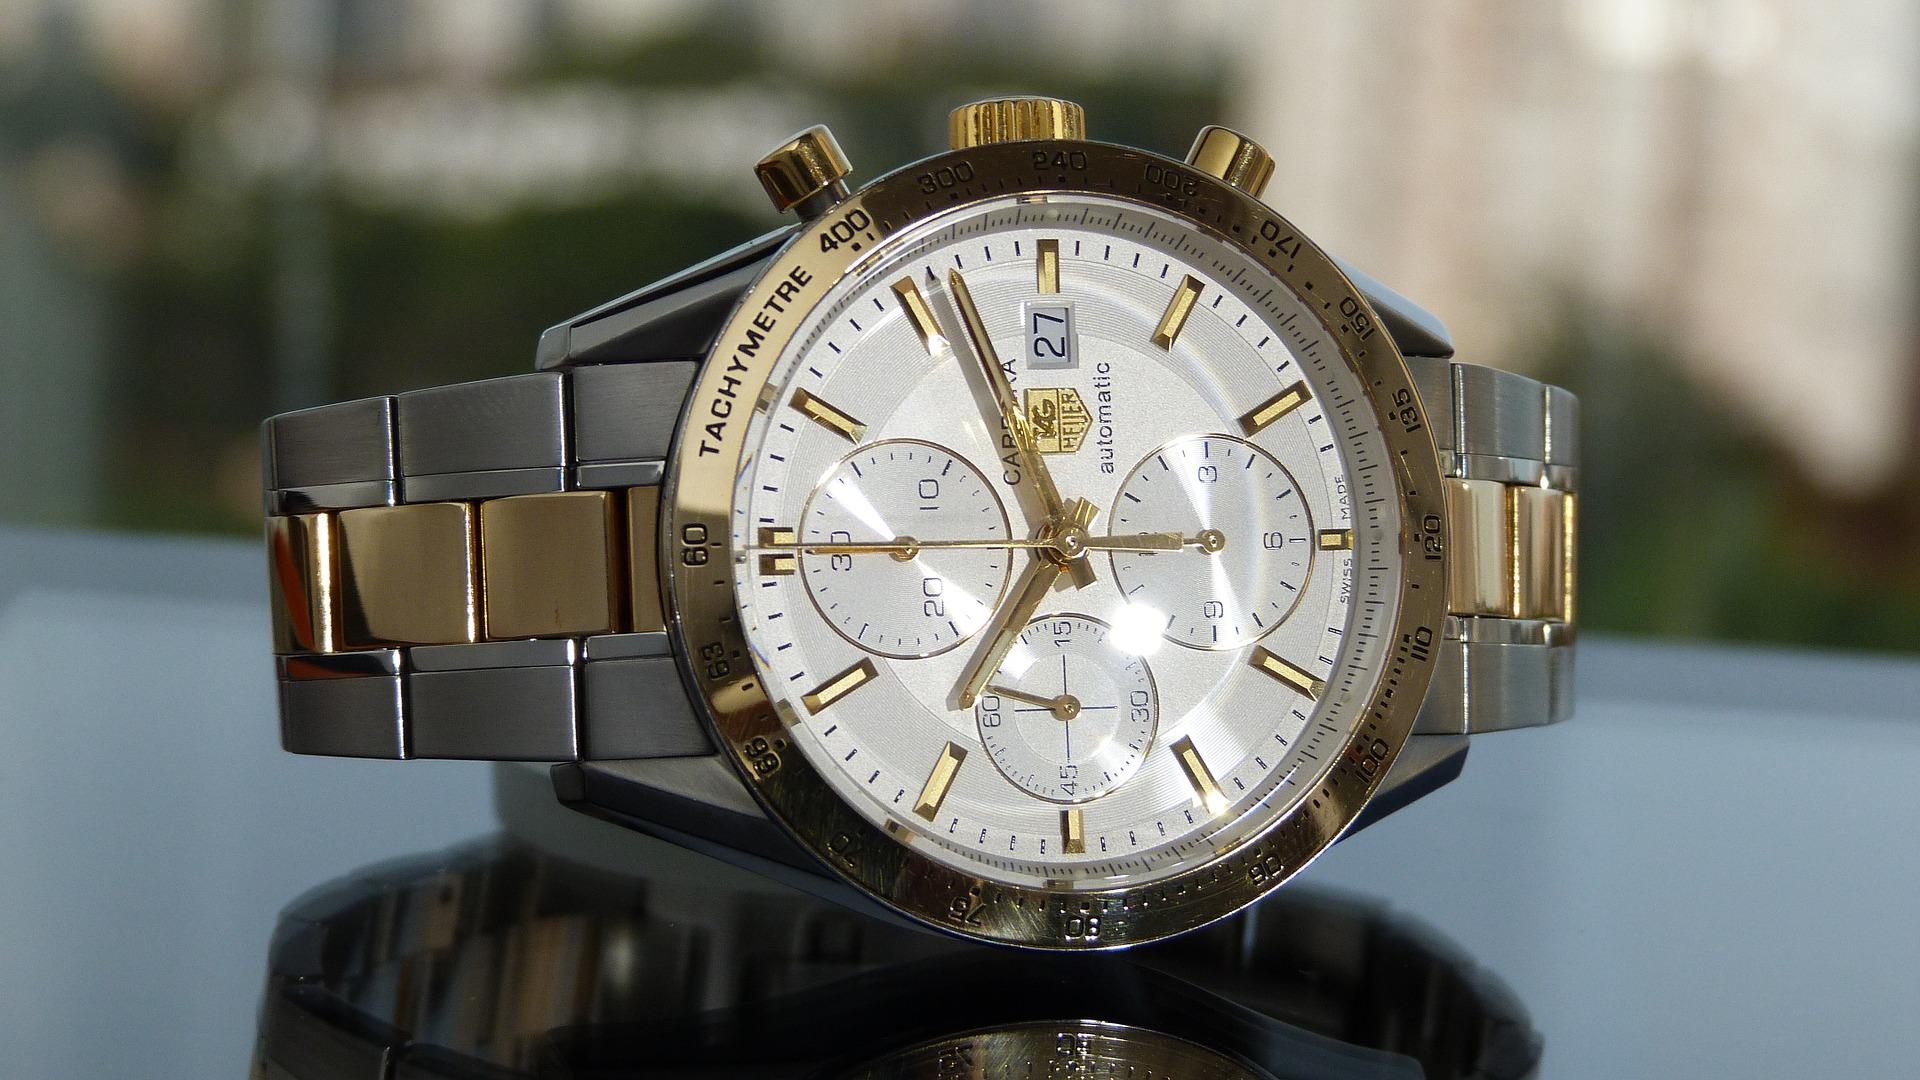 高級腕時計ブランド「TAG Heuer(タグ・ホイヤー) 」